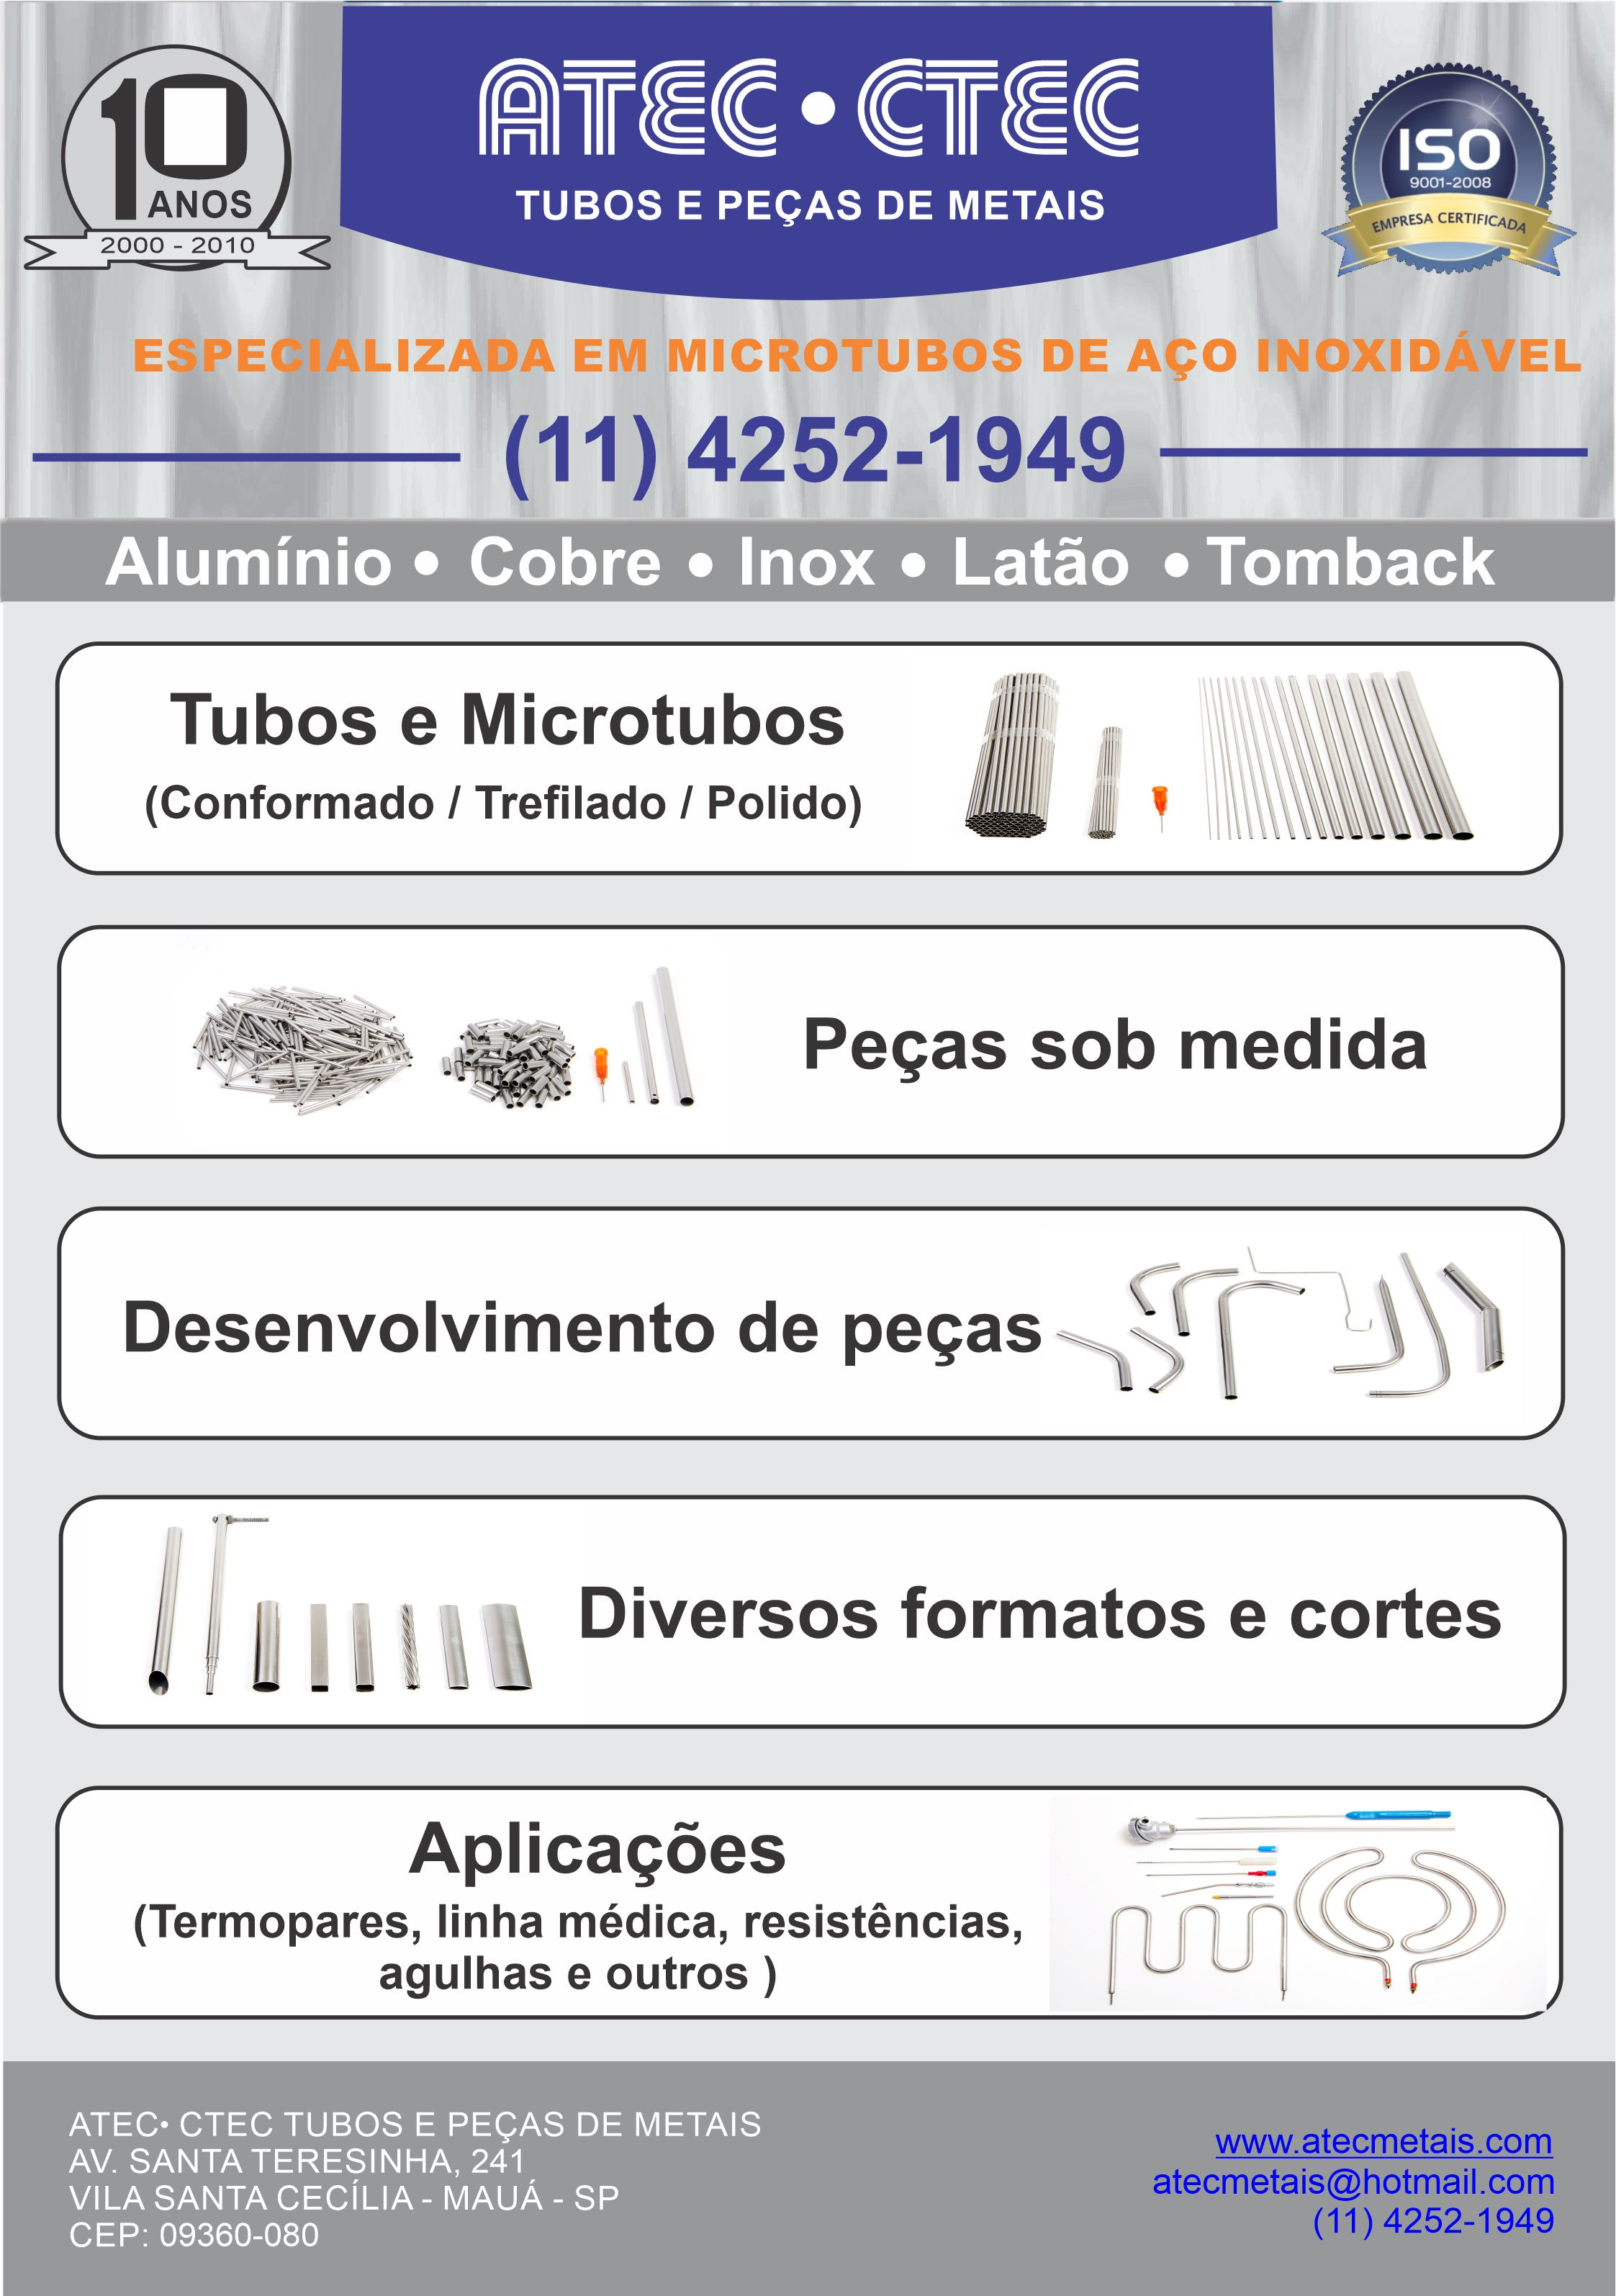 Microtubos